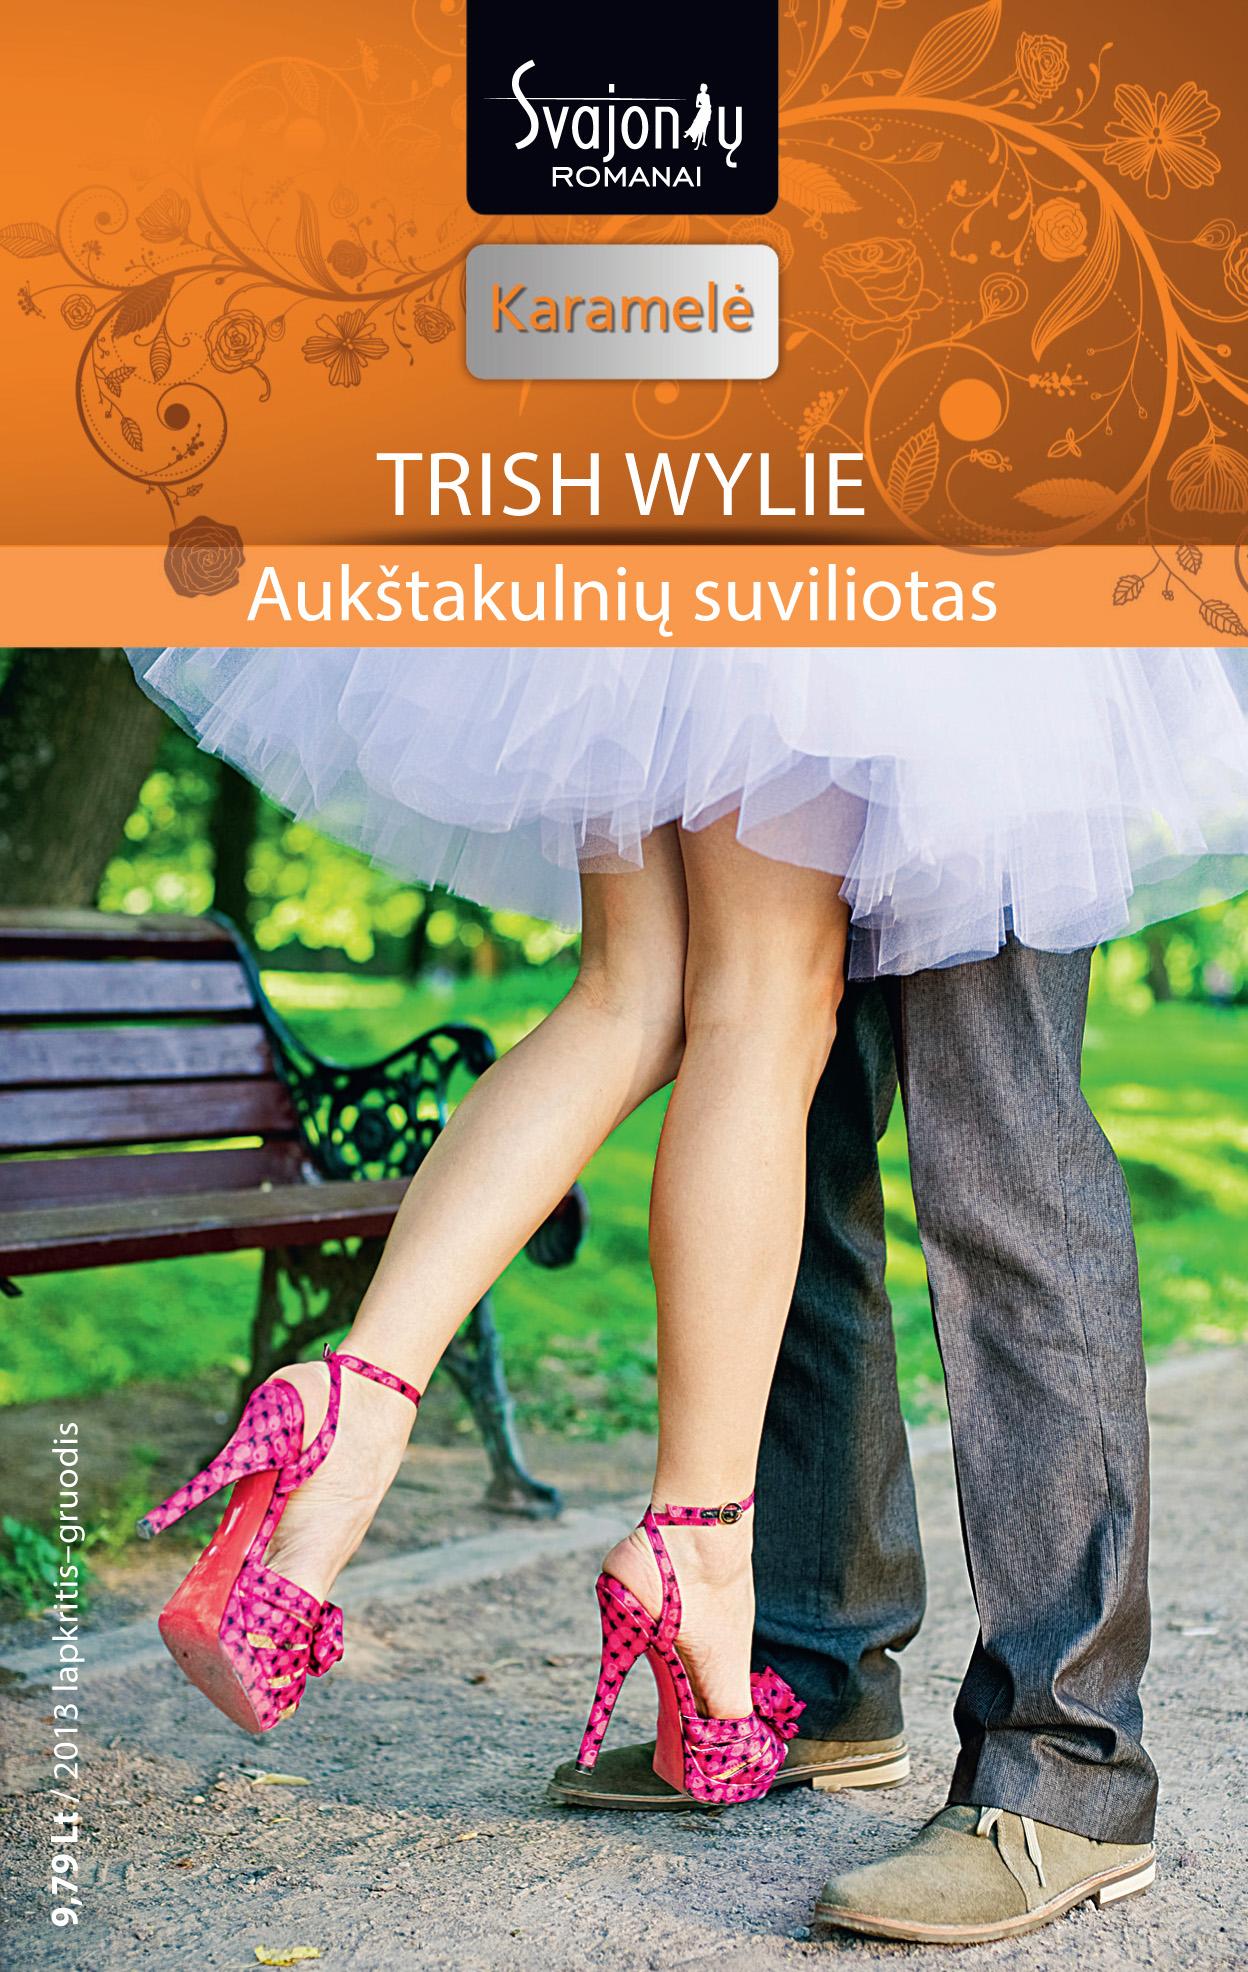 Trish Wylie Aukštakulnių suviliotas trish wylie o reilly s bride